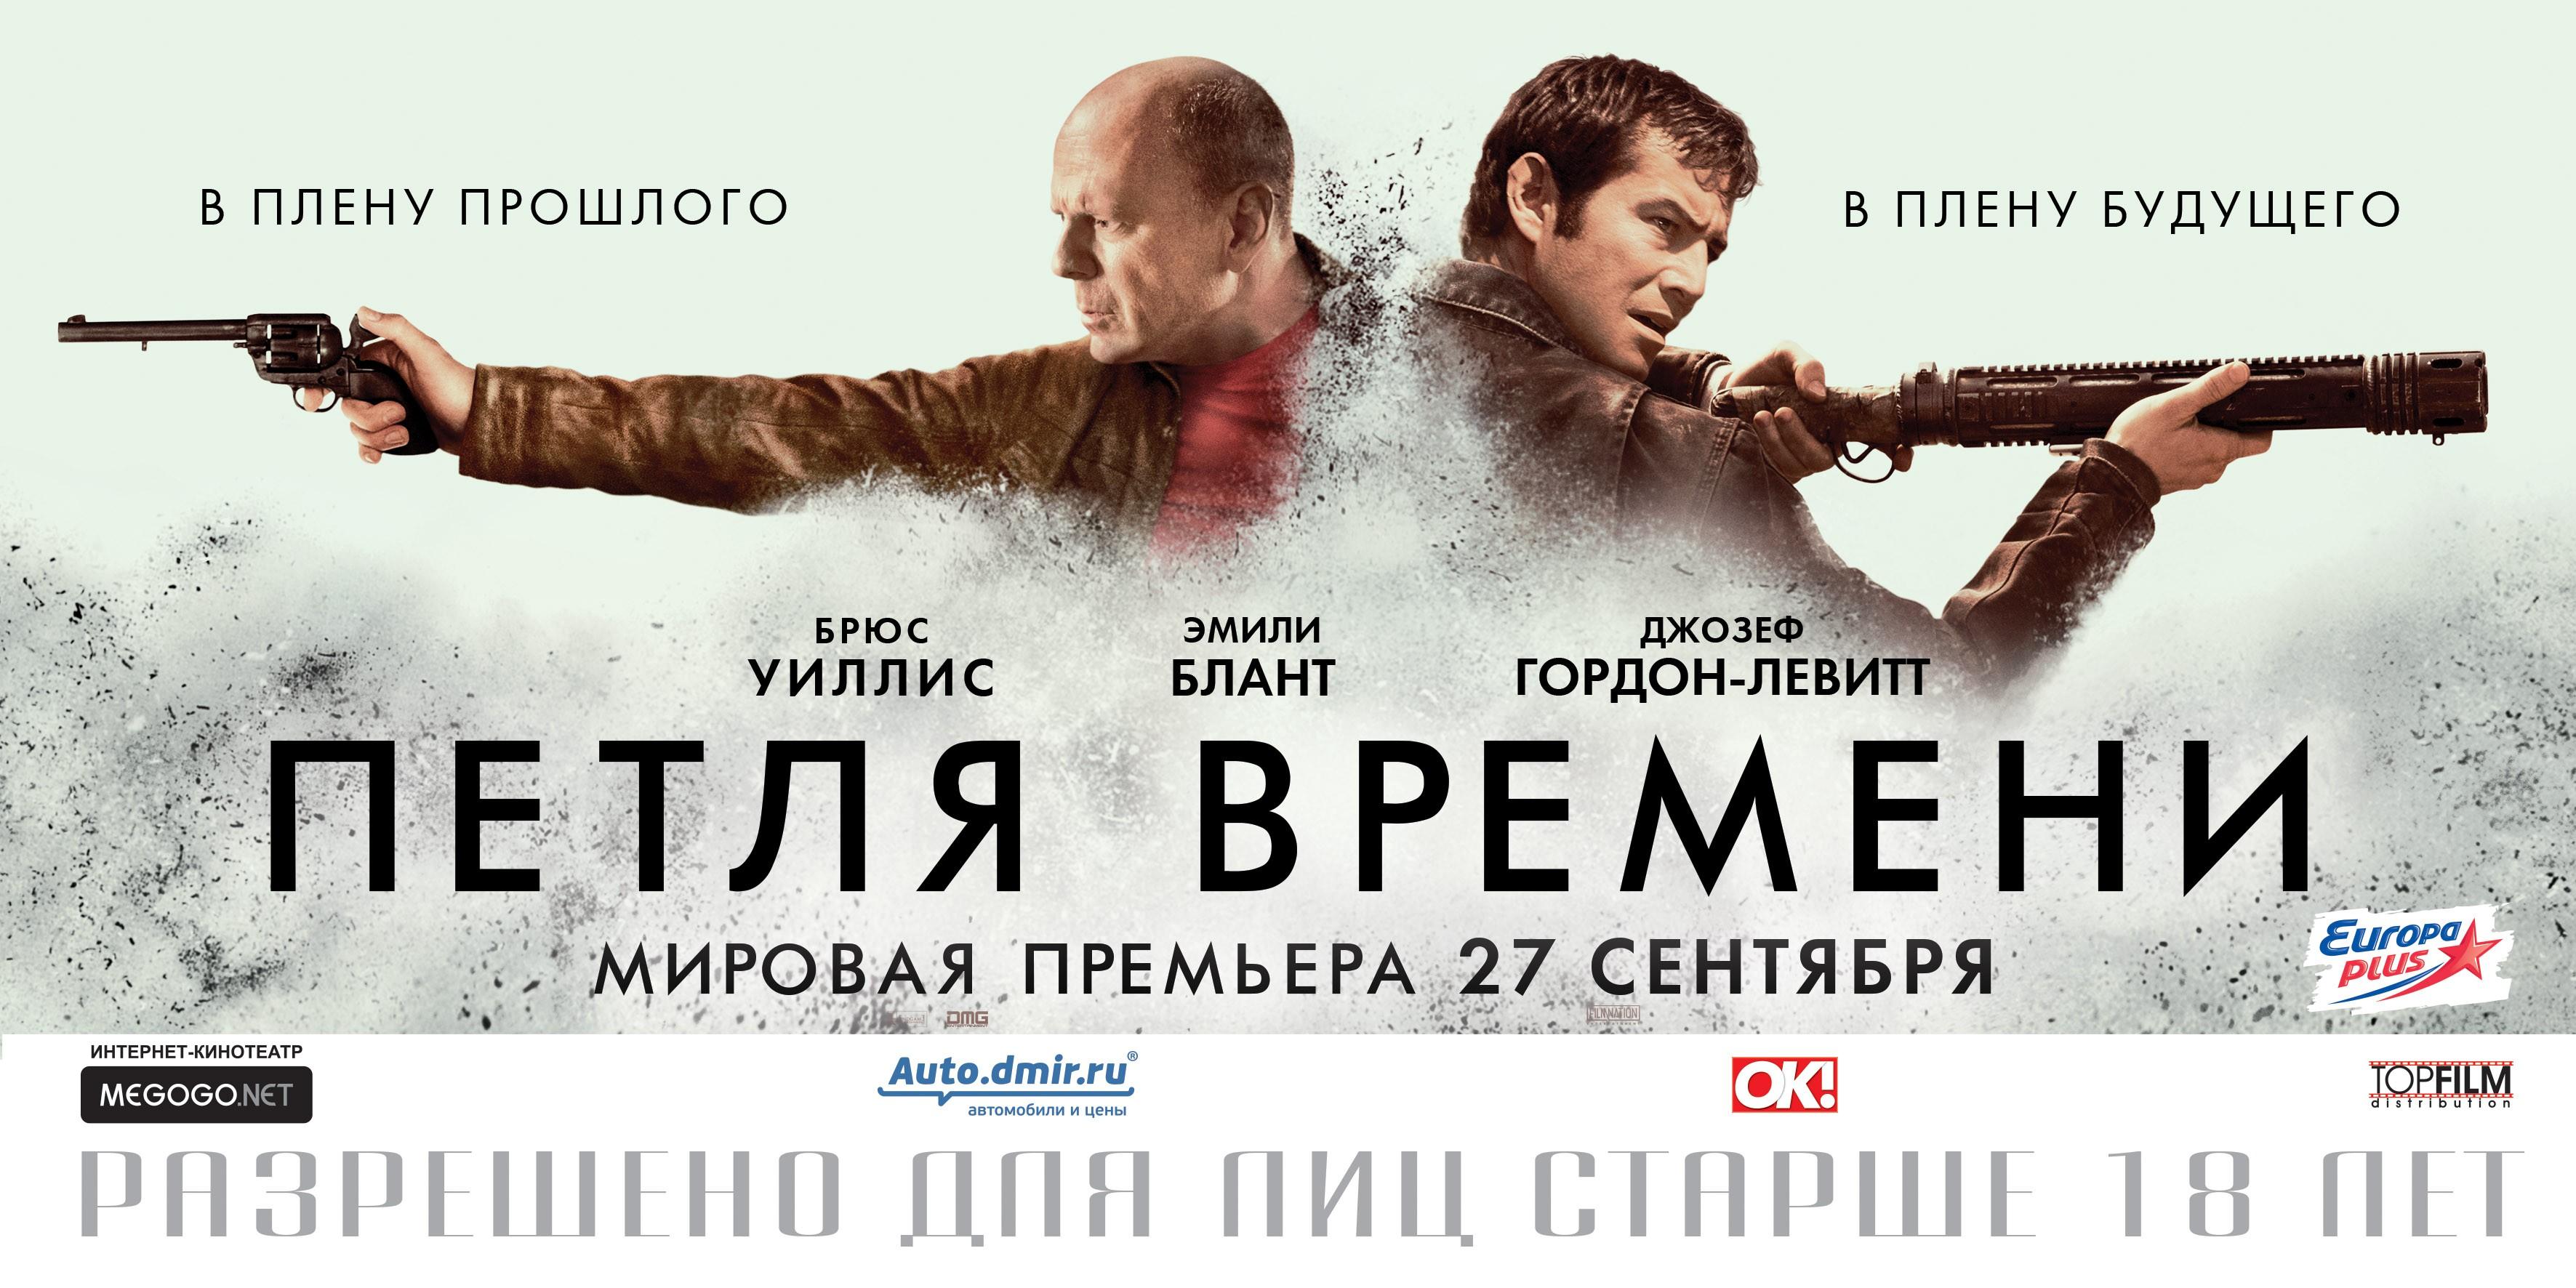 плакат фильма баннер локализованные Петля времени